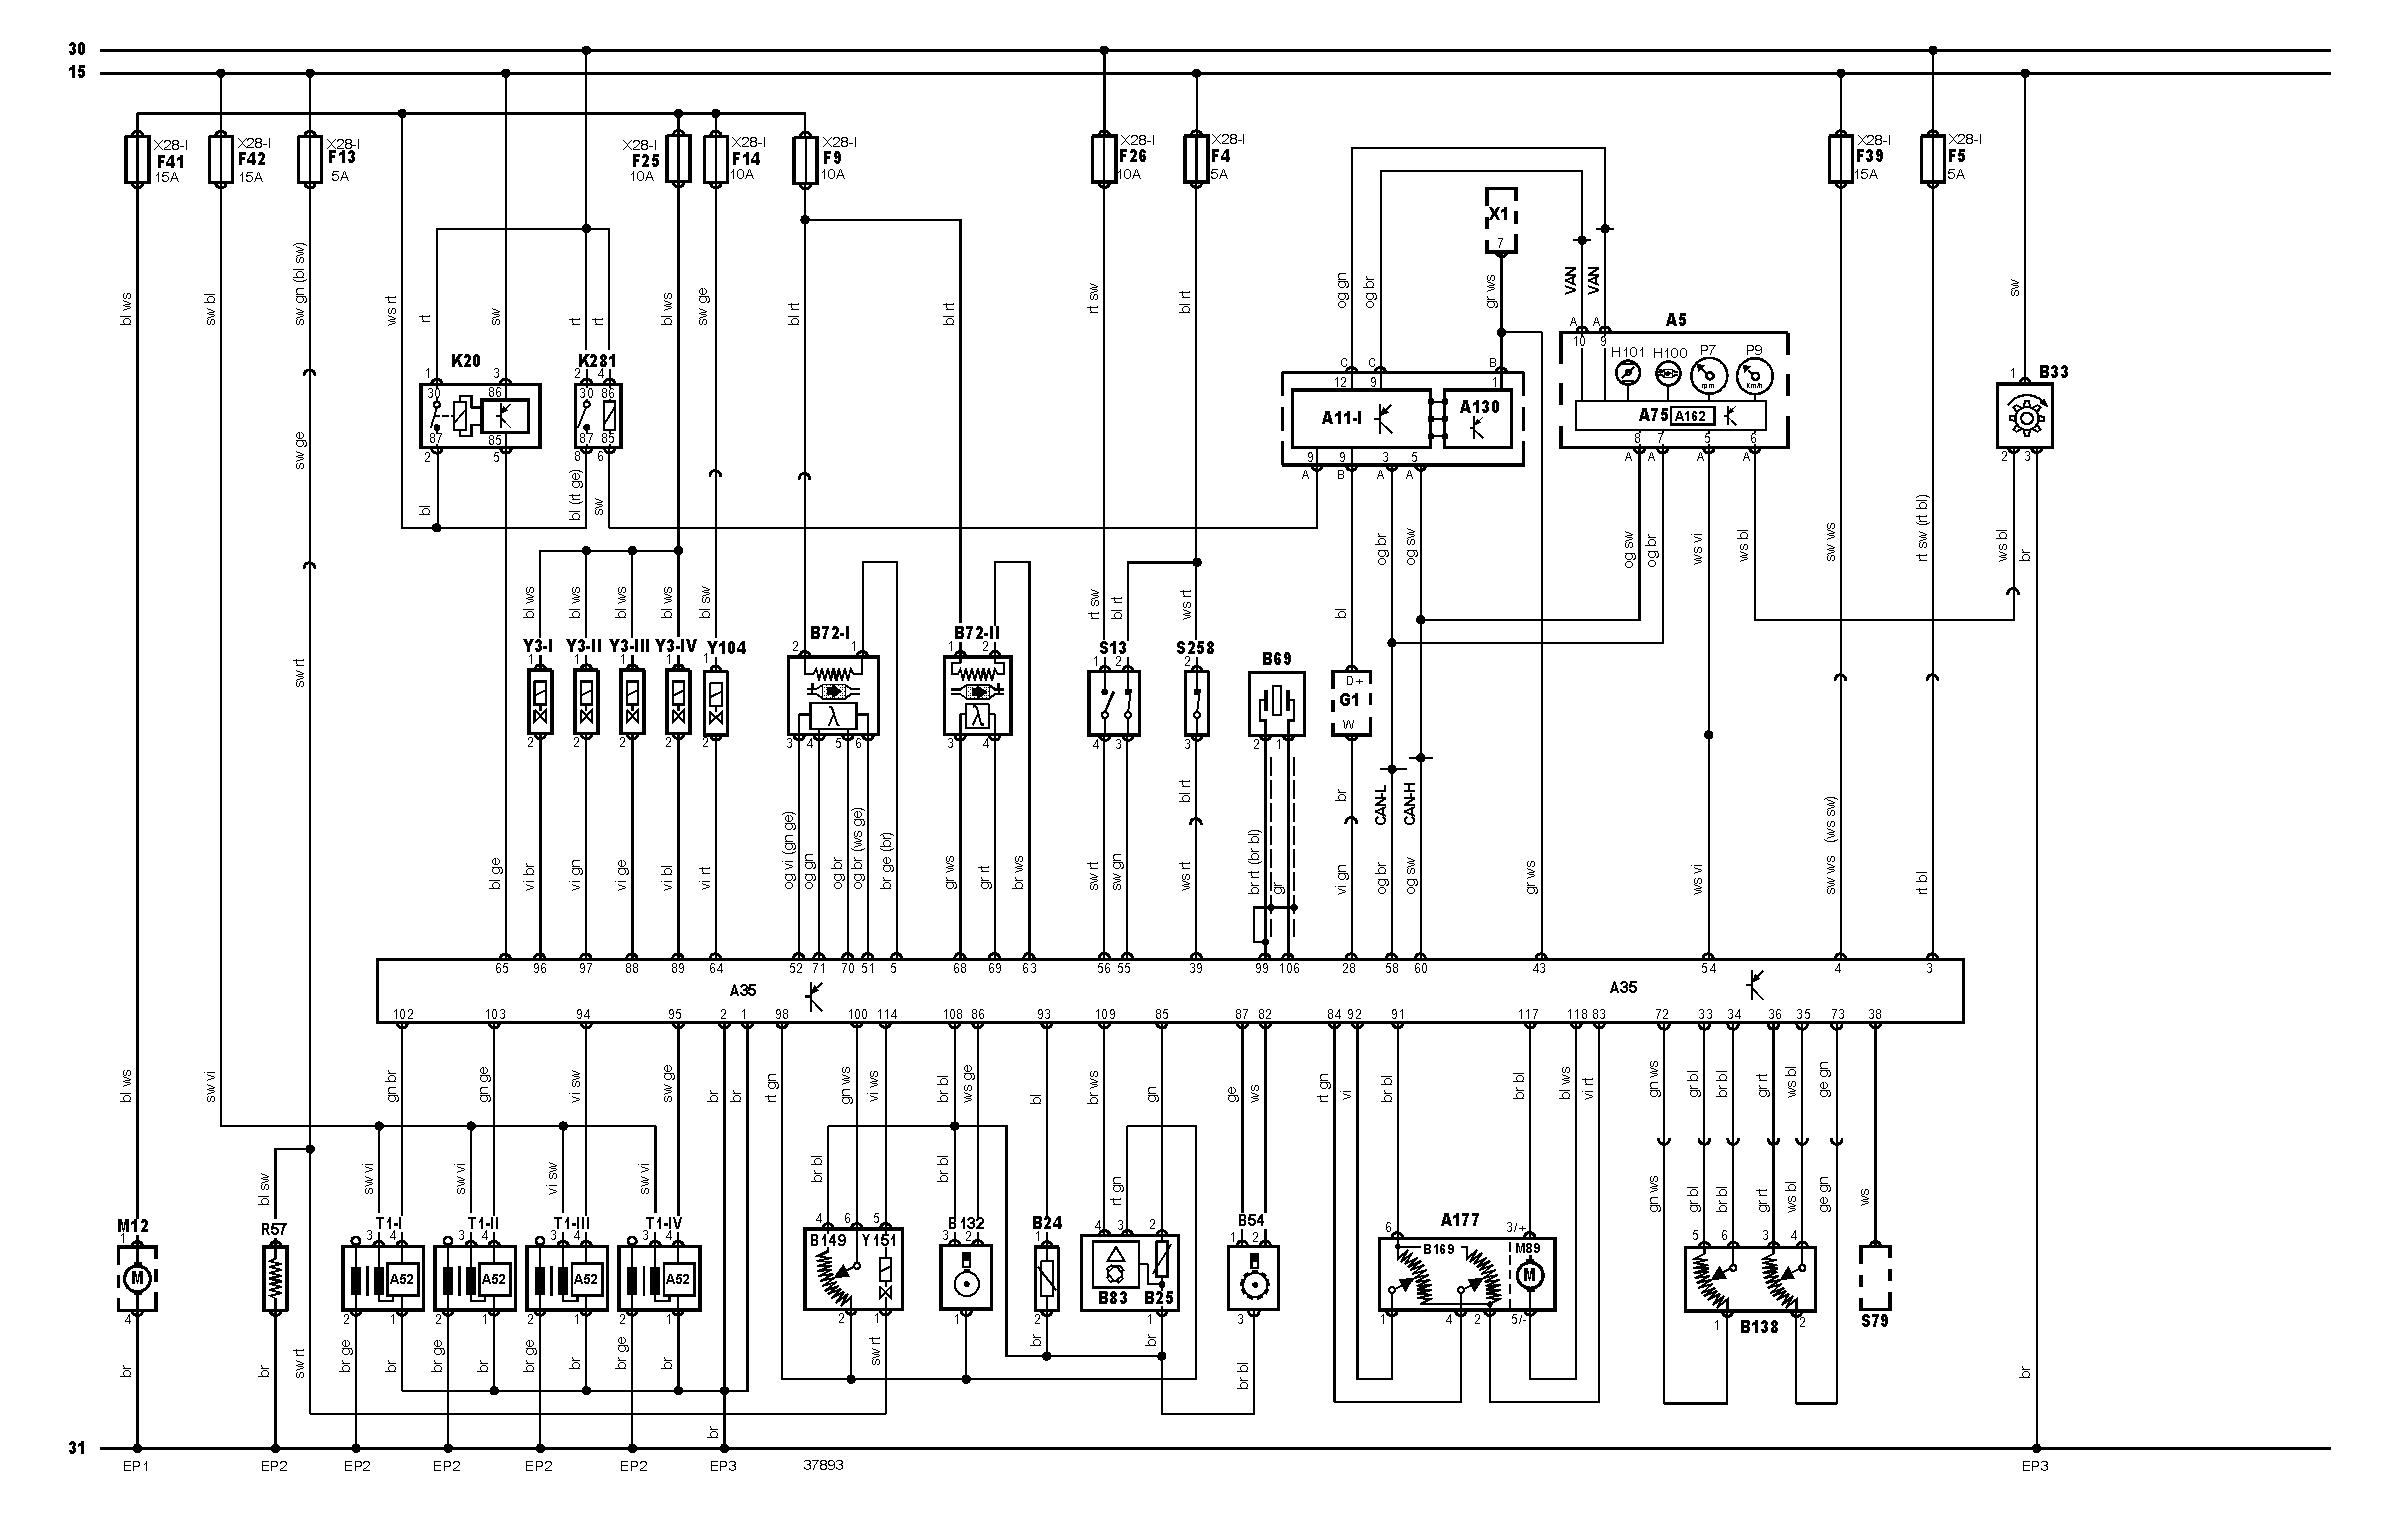 Ibiza 6L 1.4 16V  -  Schemat elektryczny, rozpiska pin�w